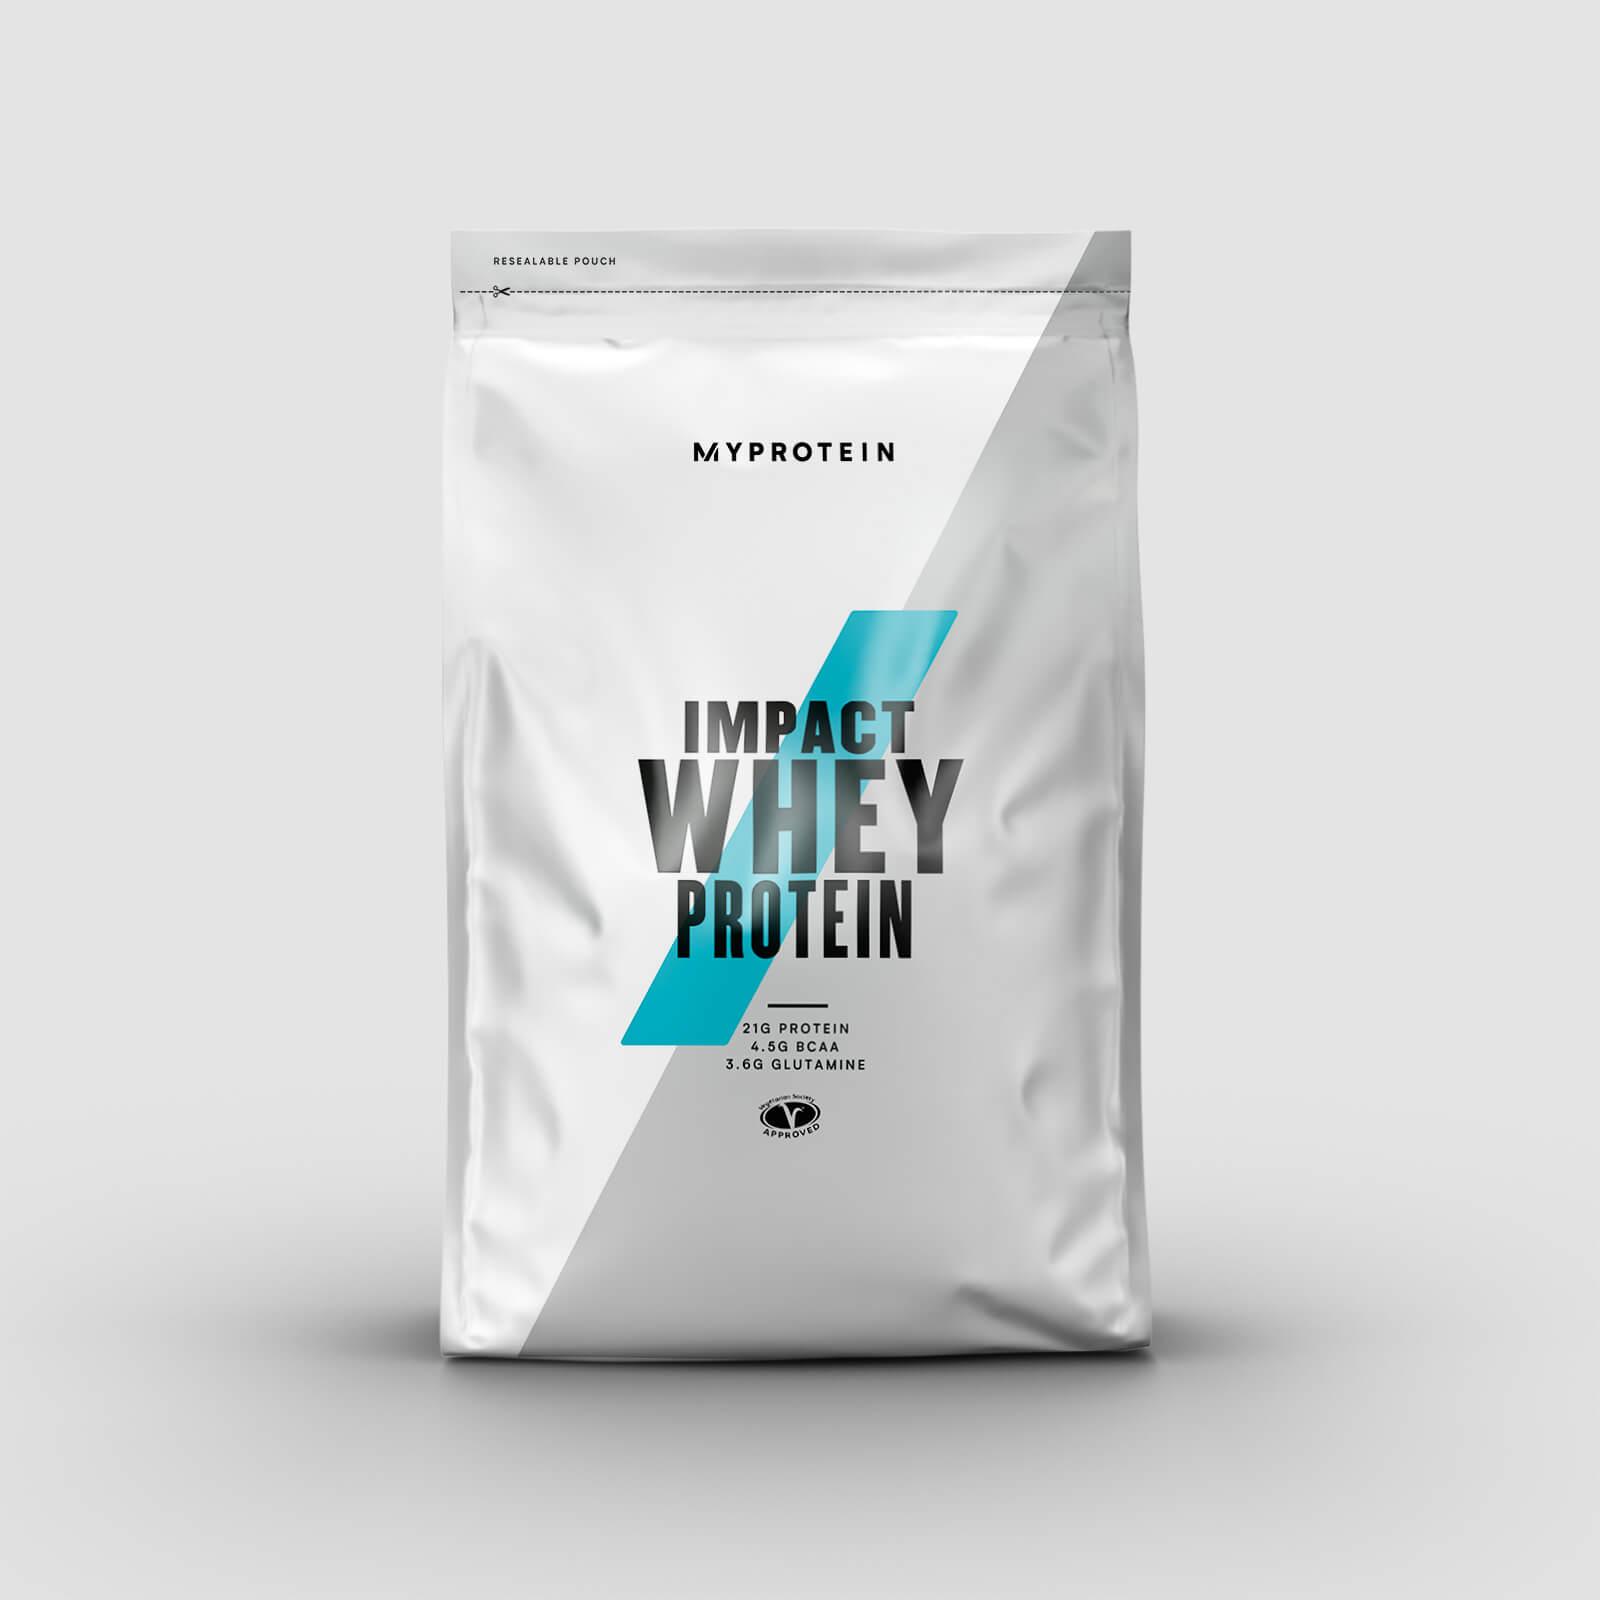 Myprotein Impact Whey Protein - 5kg - Nouveau - Caramel salé